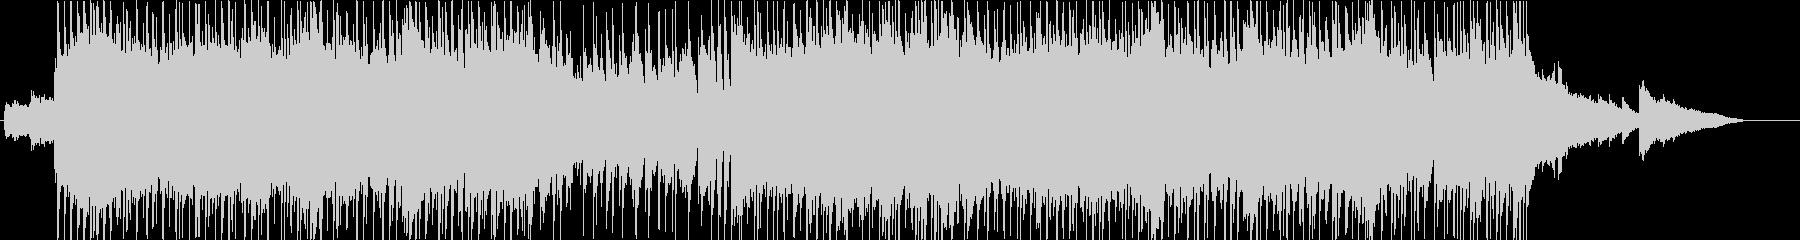 ストリングスが映えるアップテンポ曲の未再生の波形